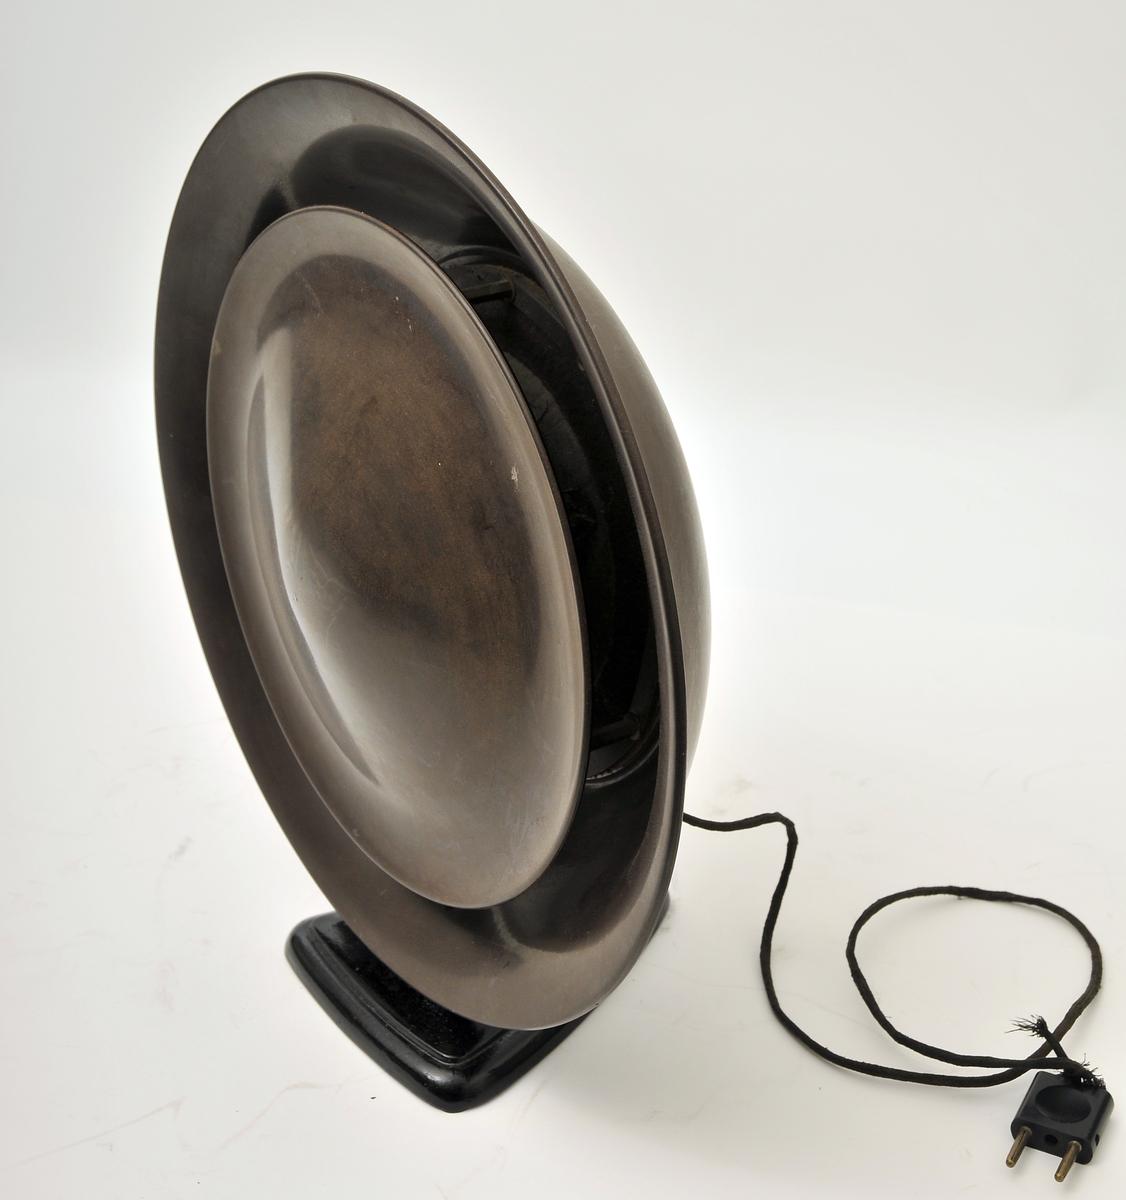 Radio med høyttalere, PHILIPS type 2531